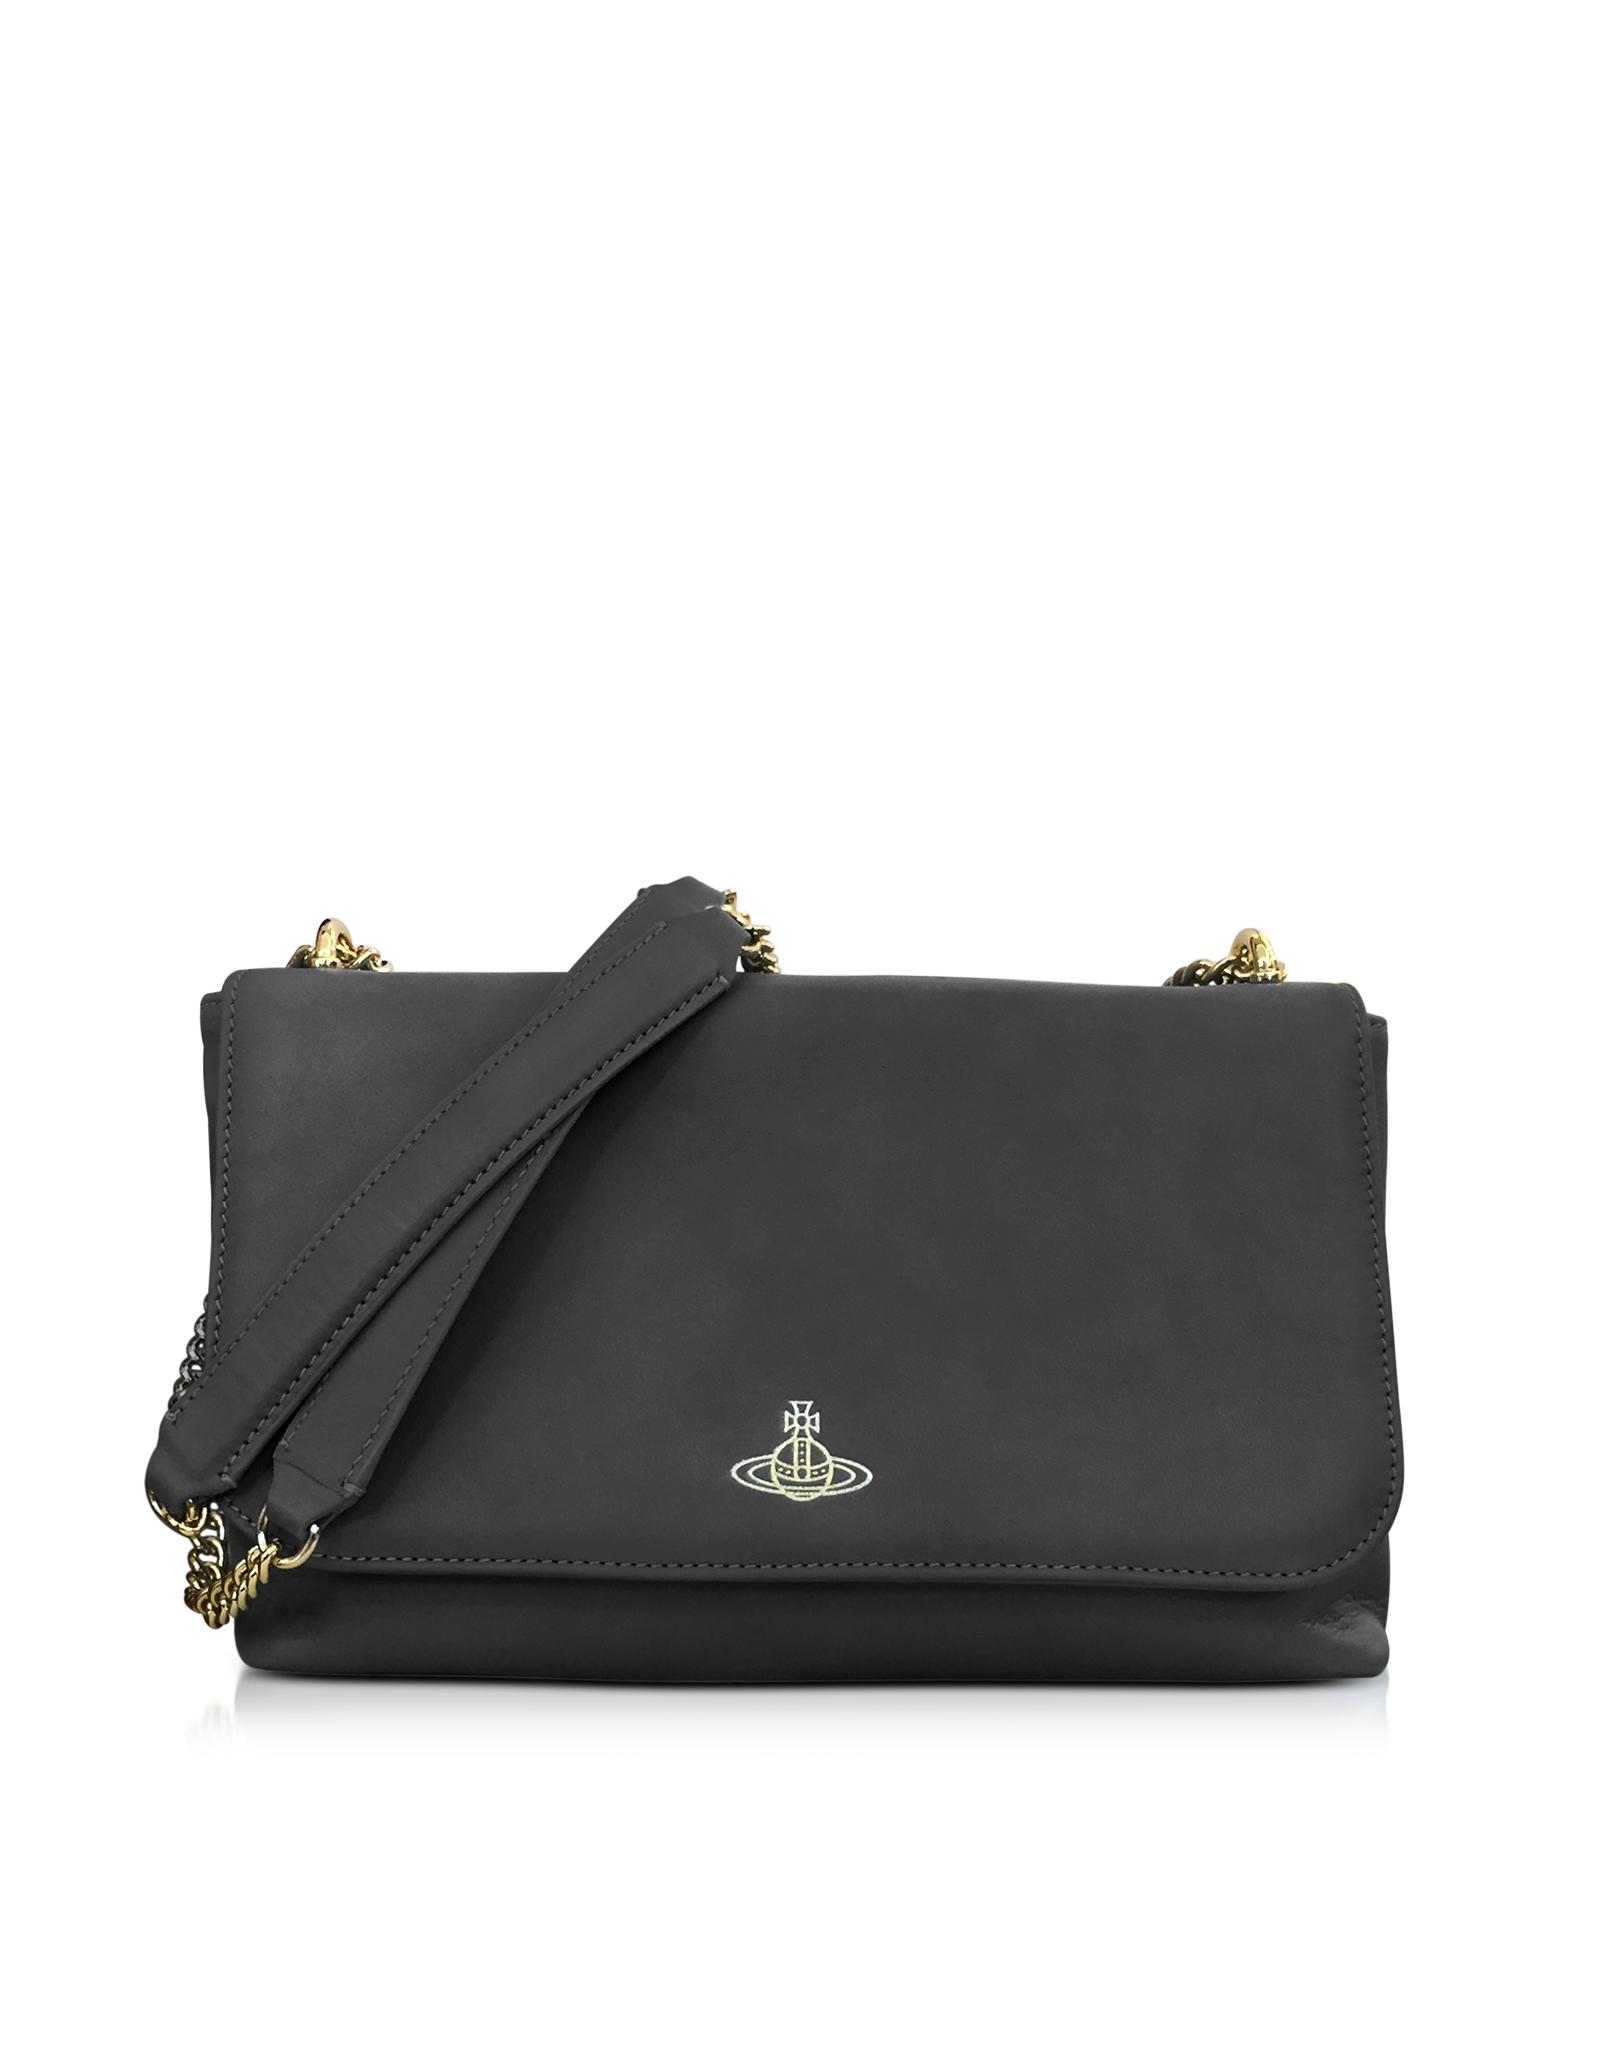 c3b428c70c6c Lyst - Vivienne Westwood Spencer Black Leather Shoulder Bag in Black